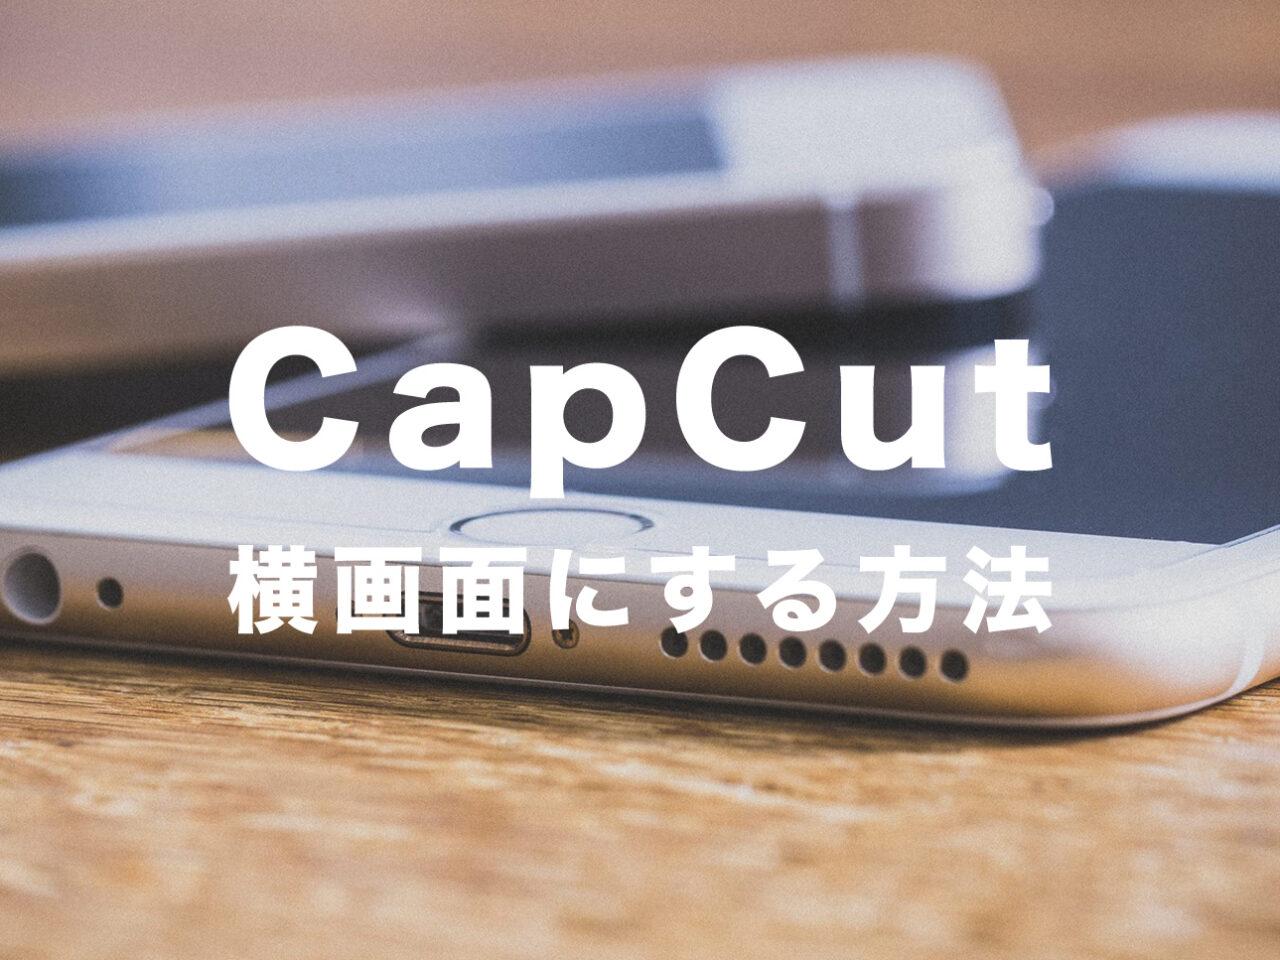 CapCut(キャップカット)で横画面にする方法は?動画を横向きにするには?のサムネイル画像